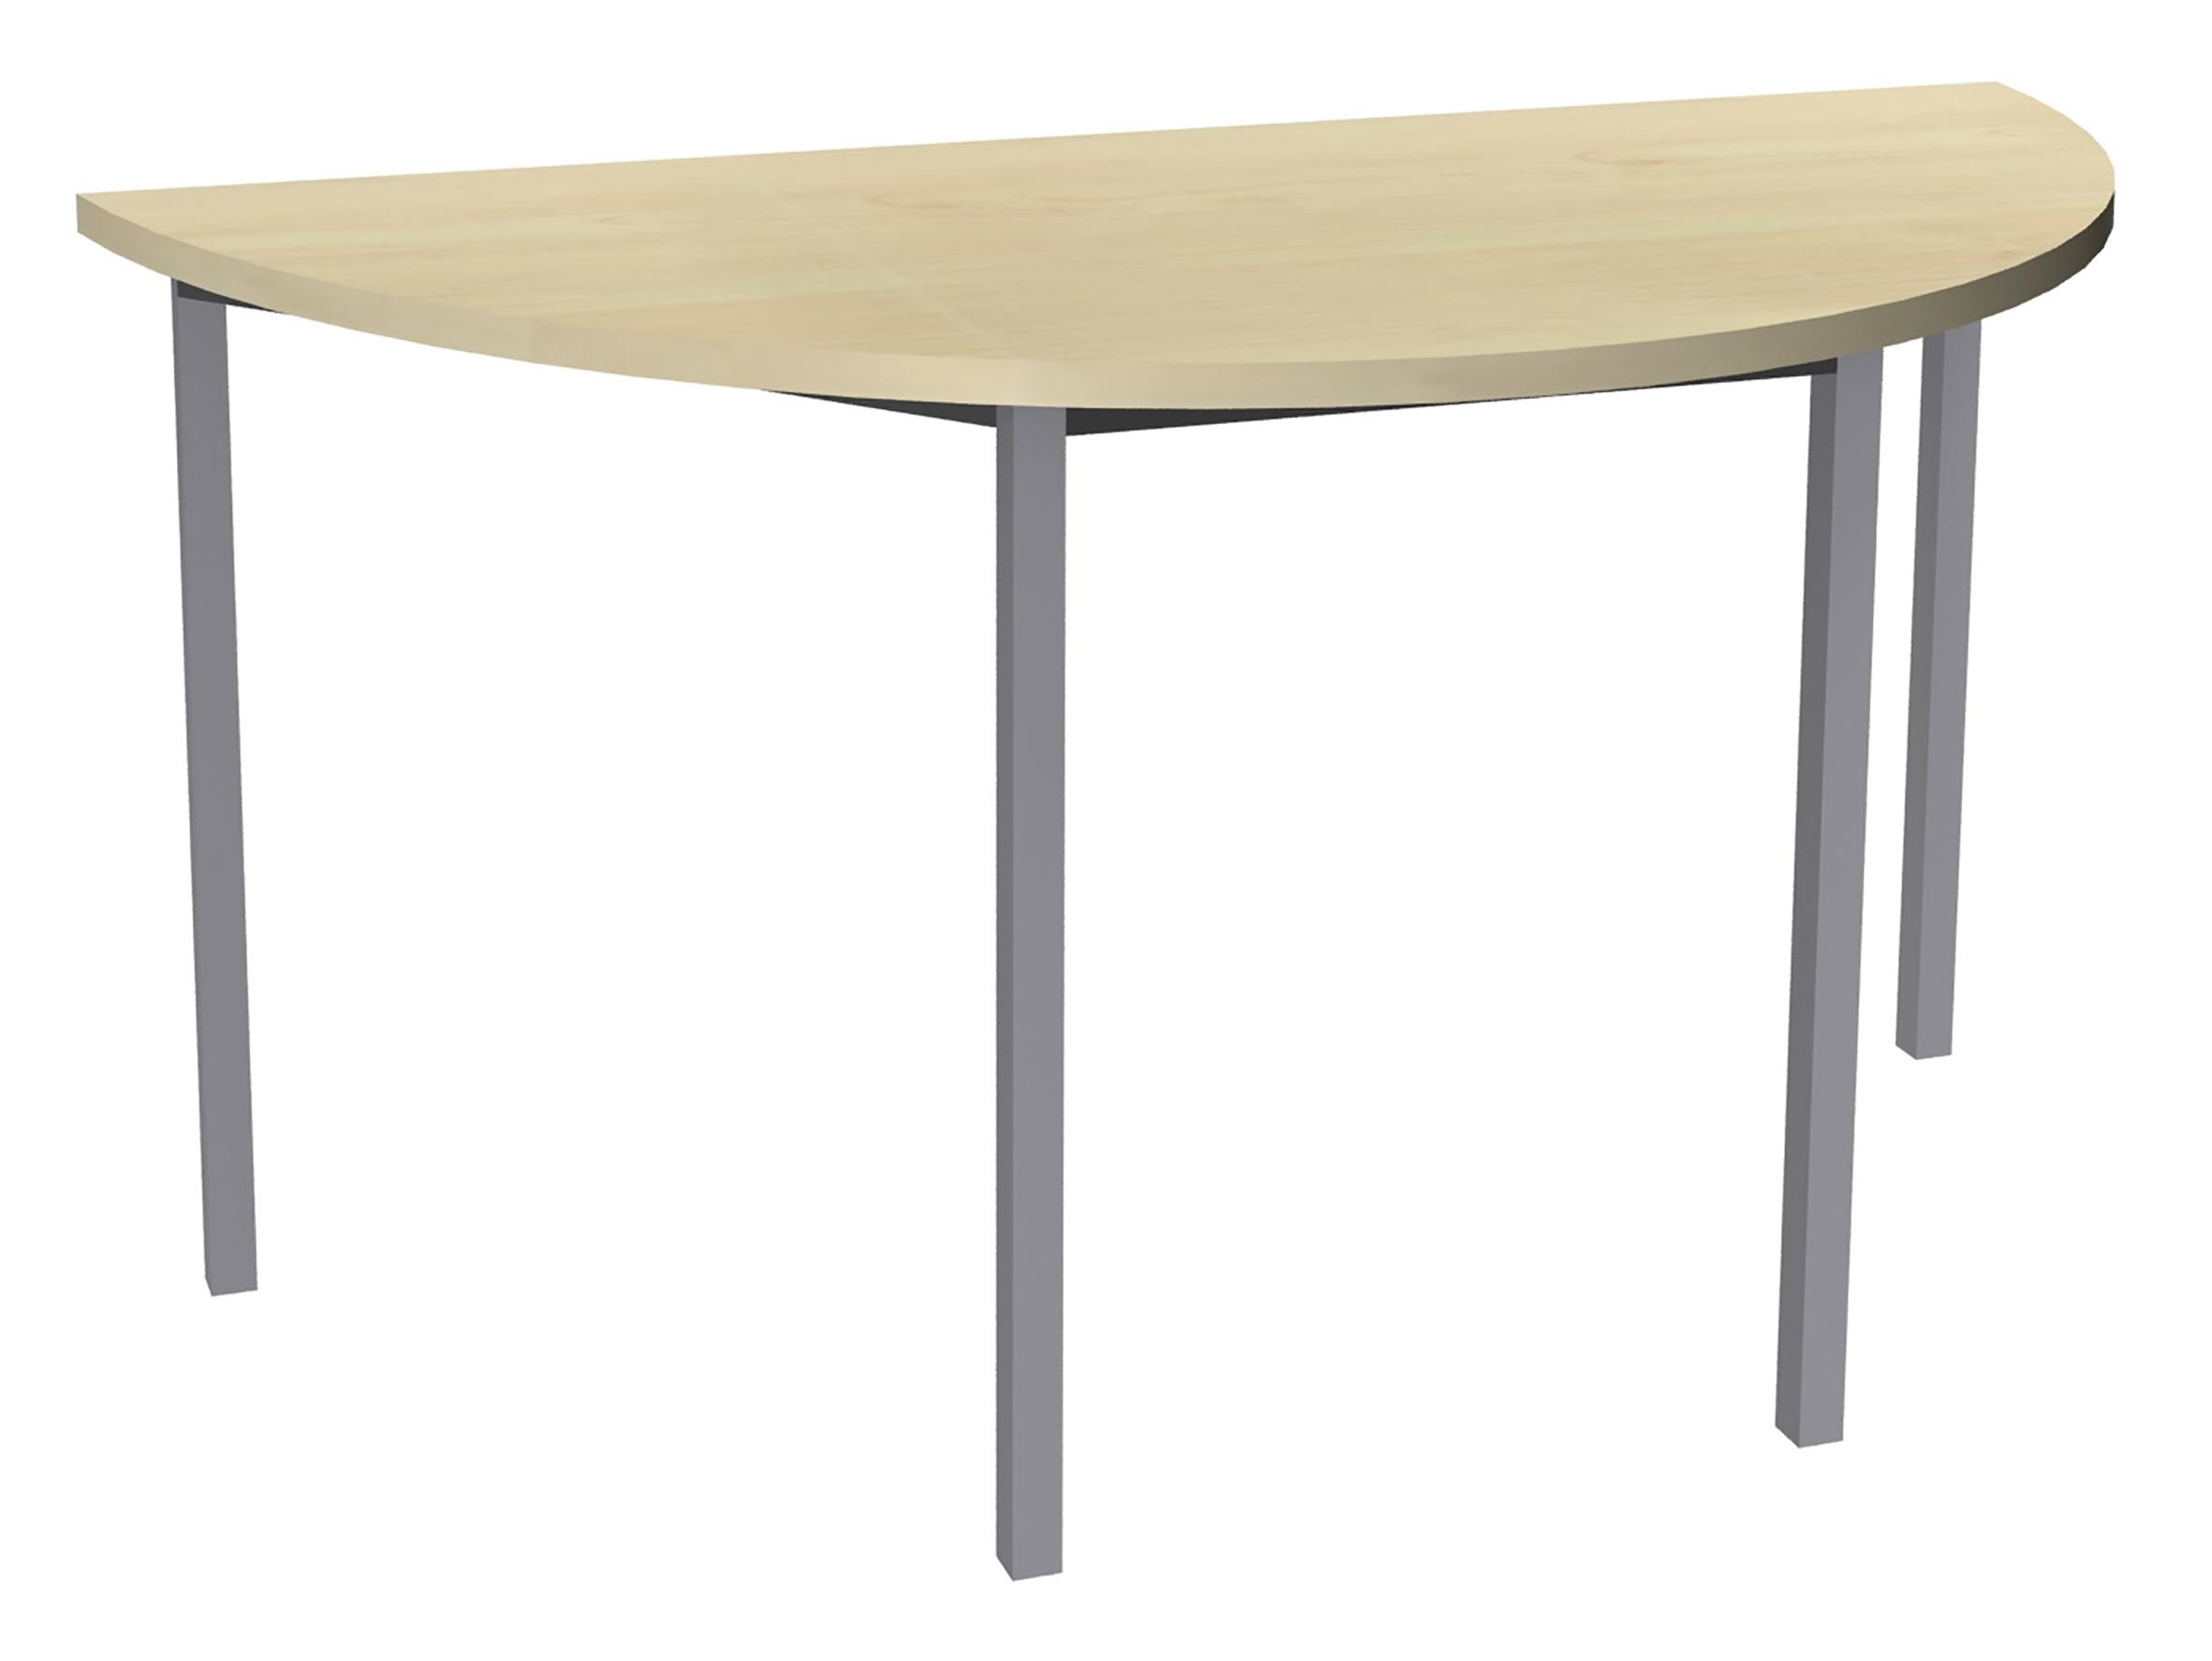 Table de réunion Demi-lune - 120 x 60 cm - Pieds aluminium - imitation érable